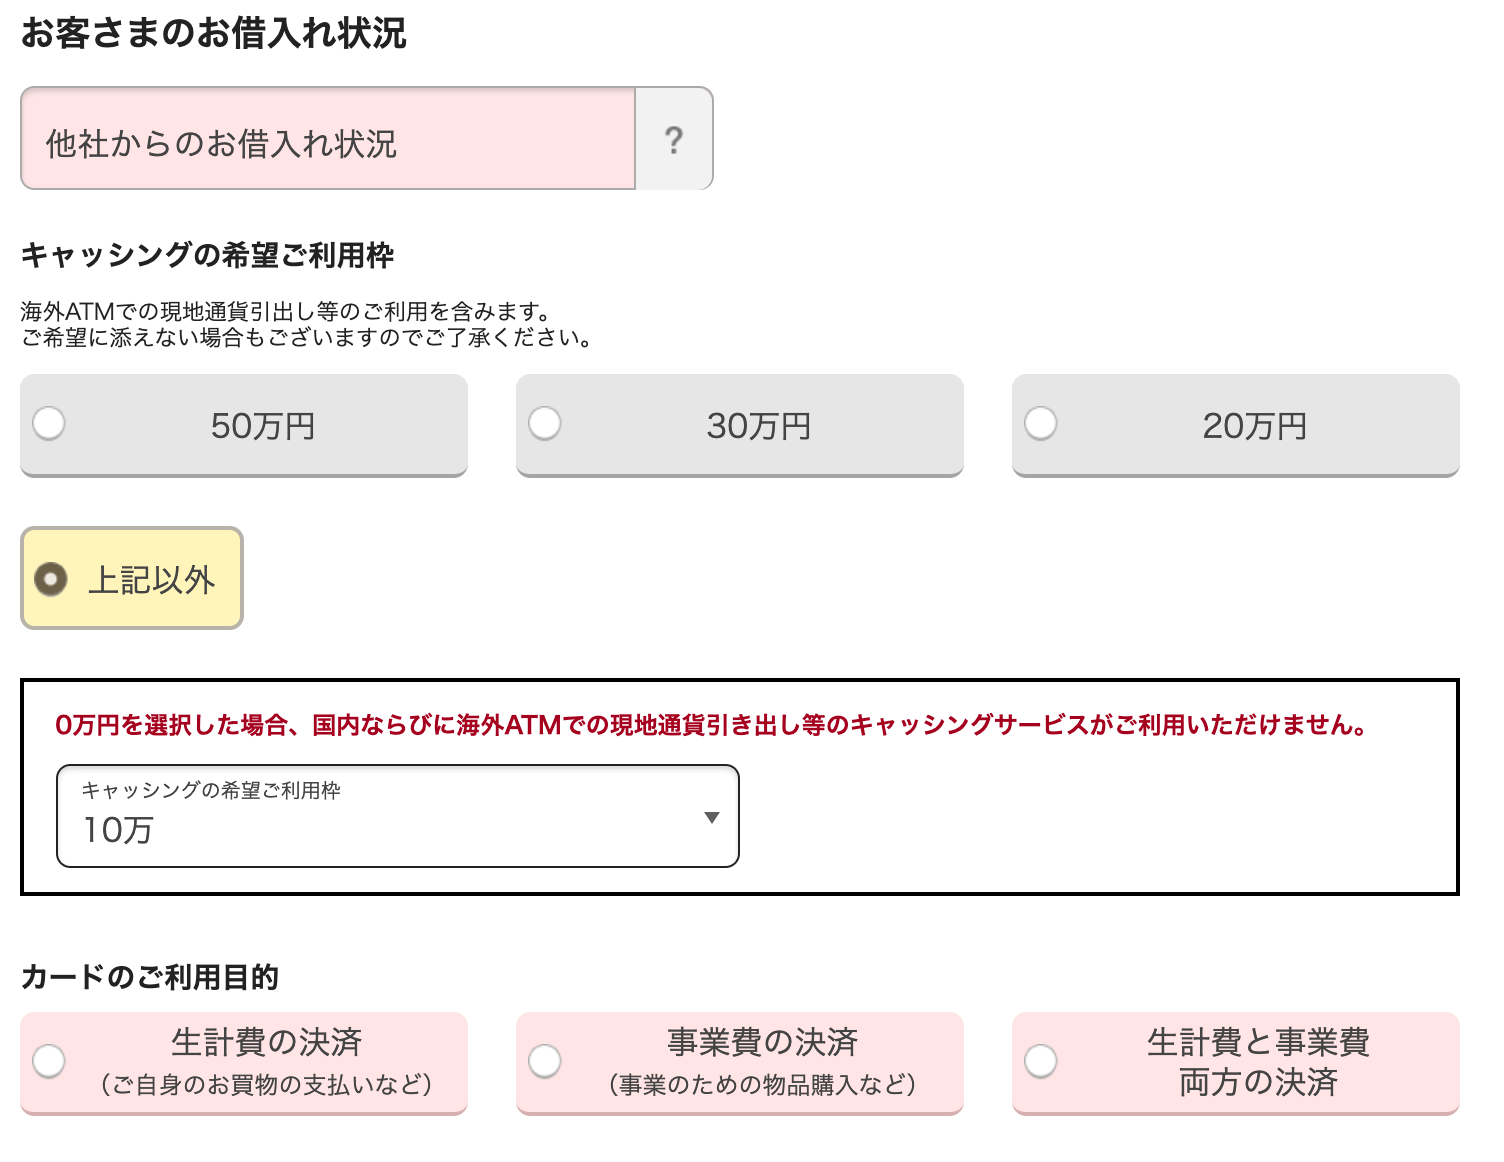 エポスカード申込み手順09